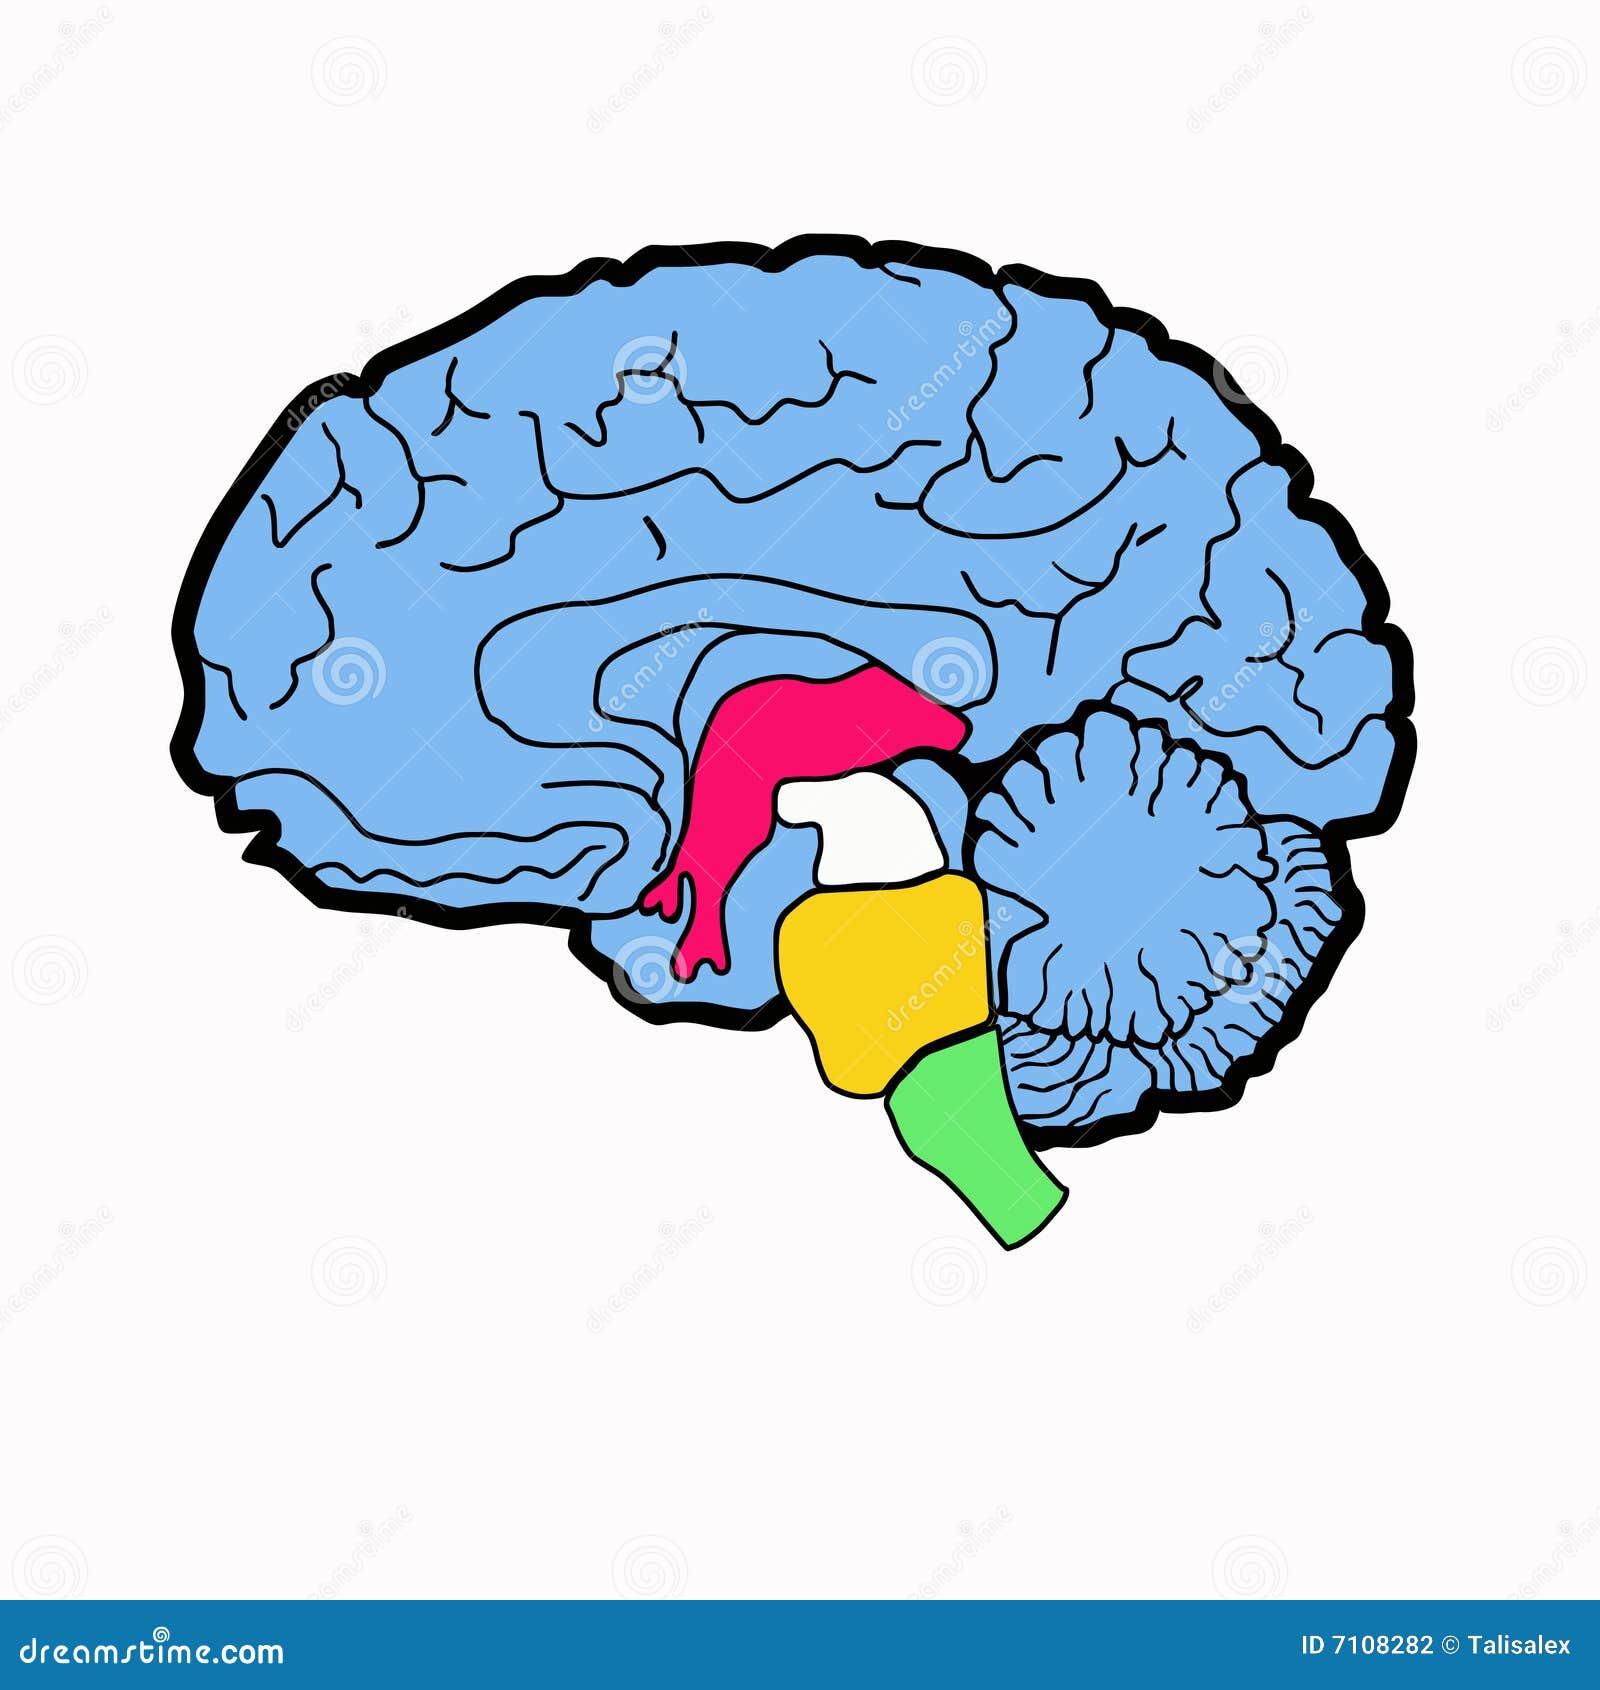 Anatomy scheme of brain stock illustration. Illustration of clipart ...